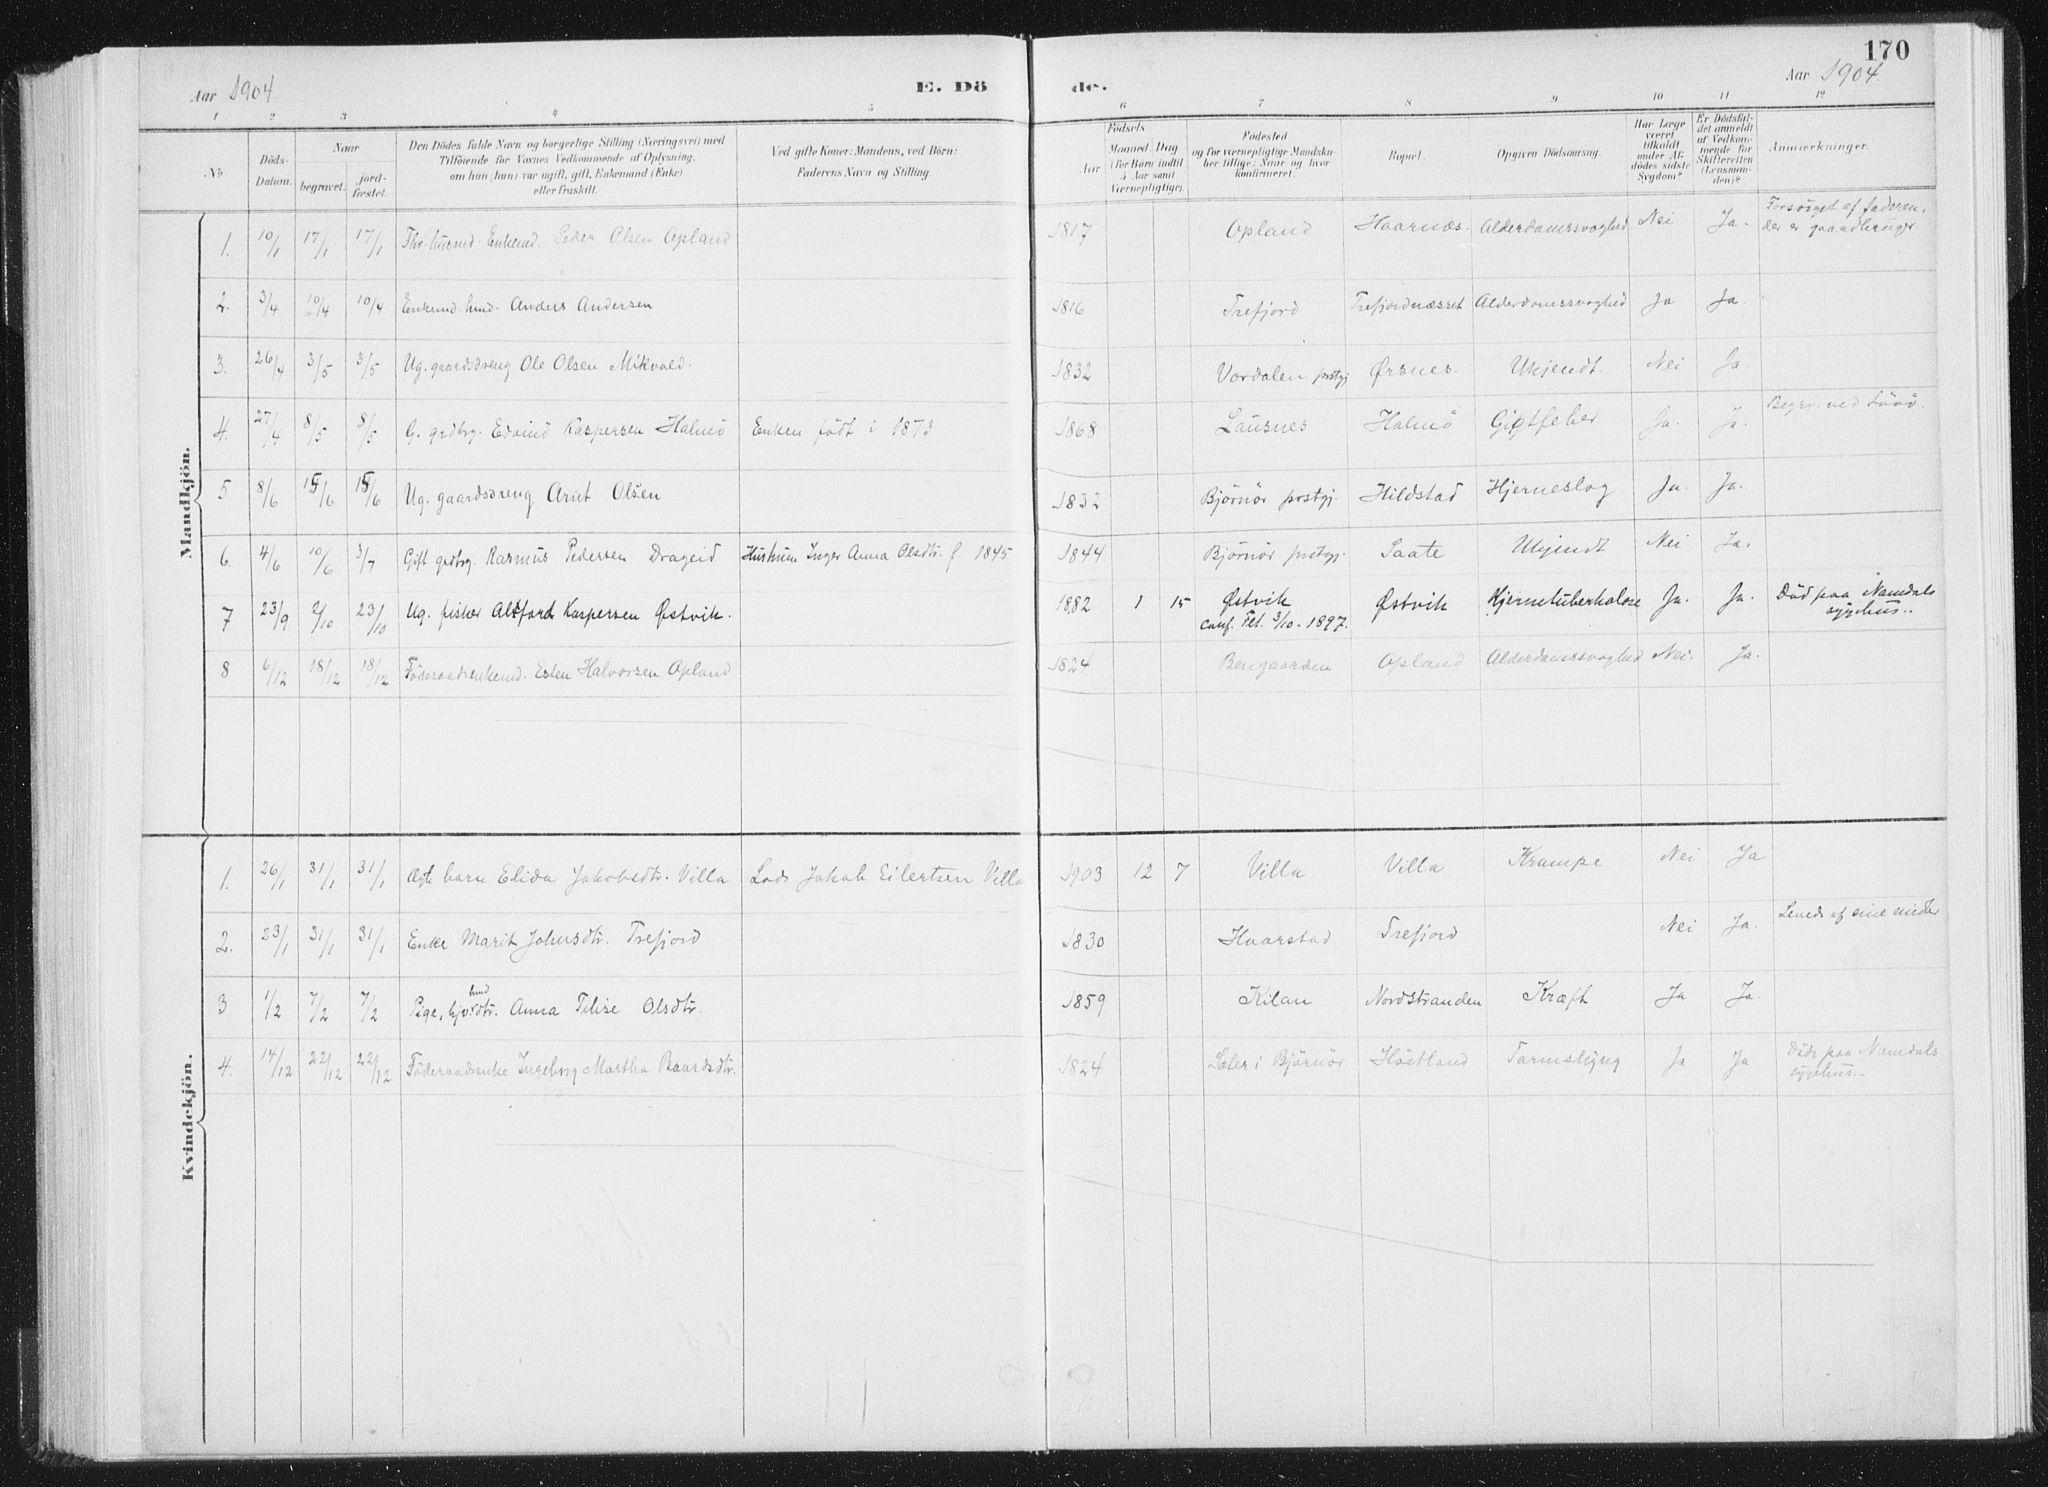 SAT, Ministerialprotokoller, klokkerbøker og fødselsregistre - Nord-Trøndelag, 771/L0597: Ministerialbok nr. 771A04, 1885-1910, s. 170